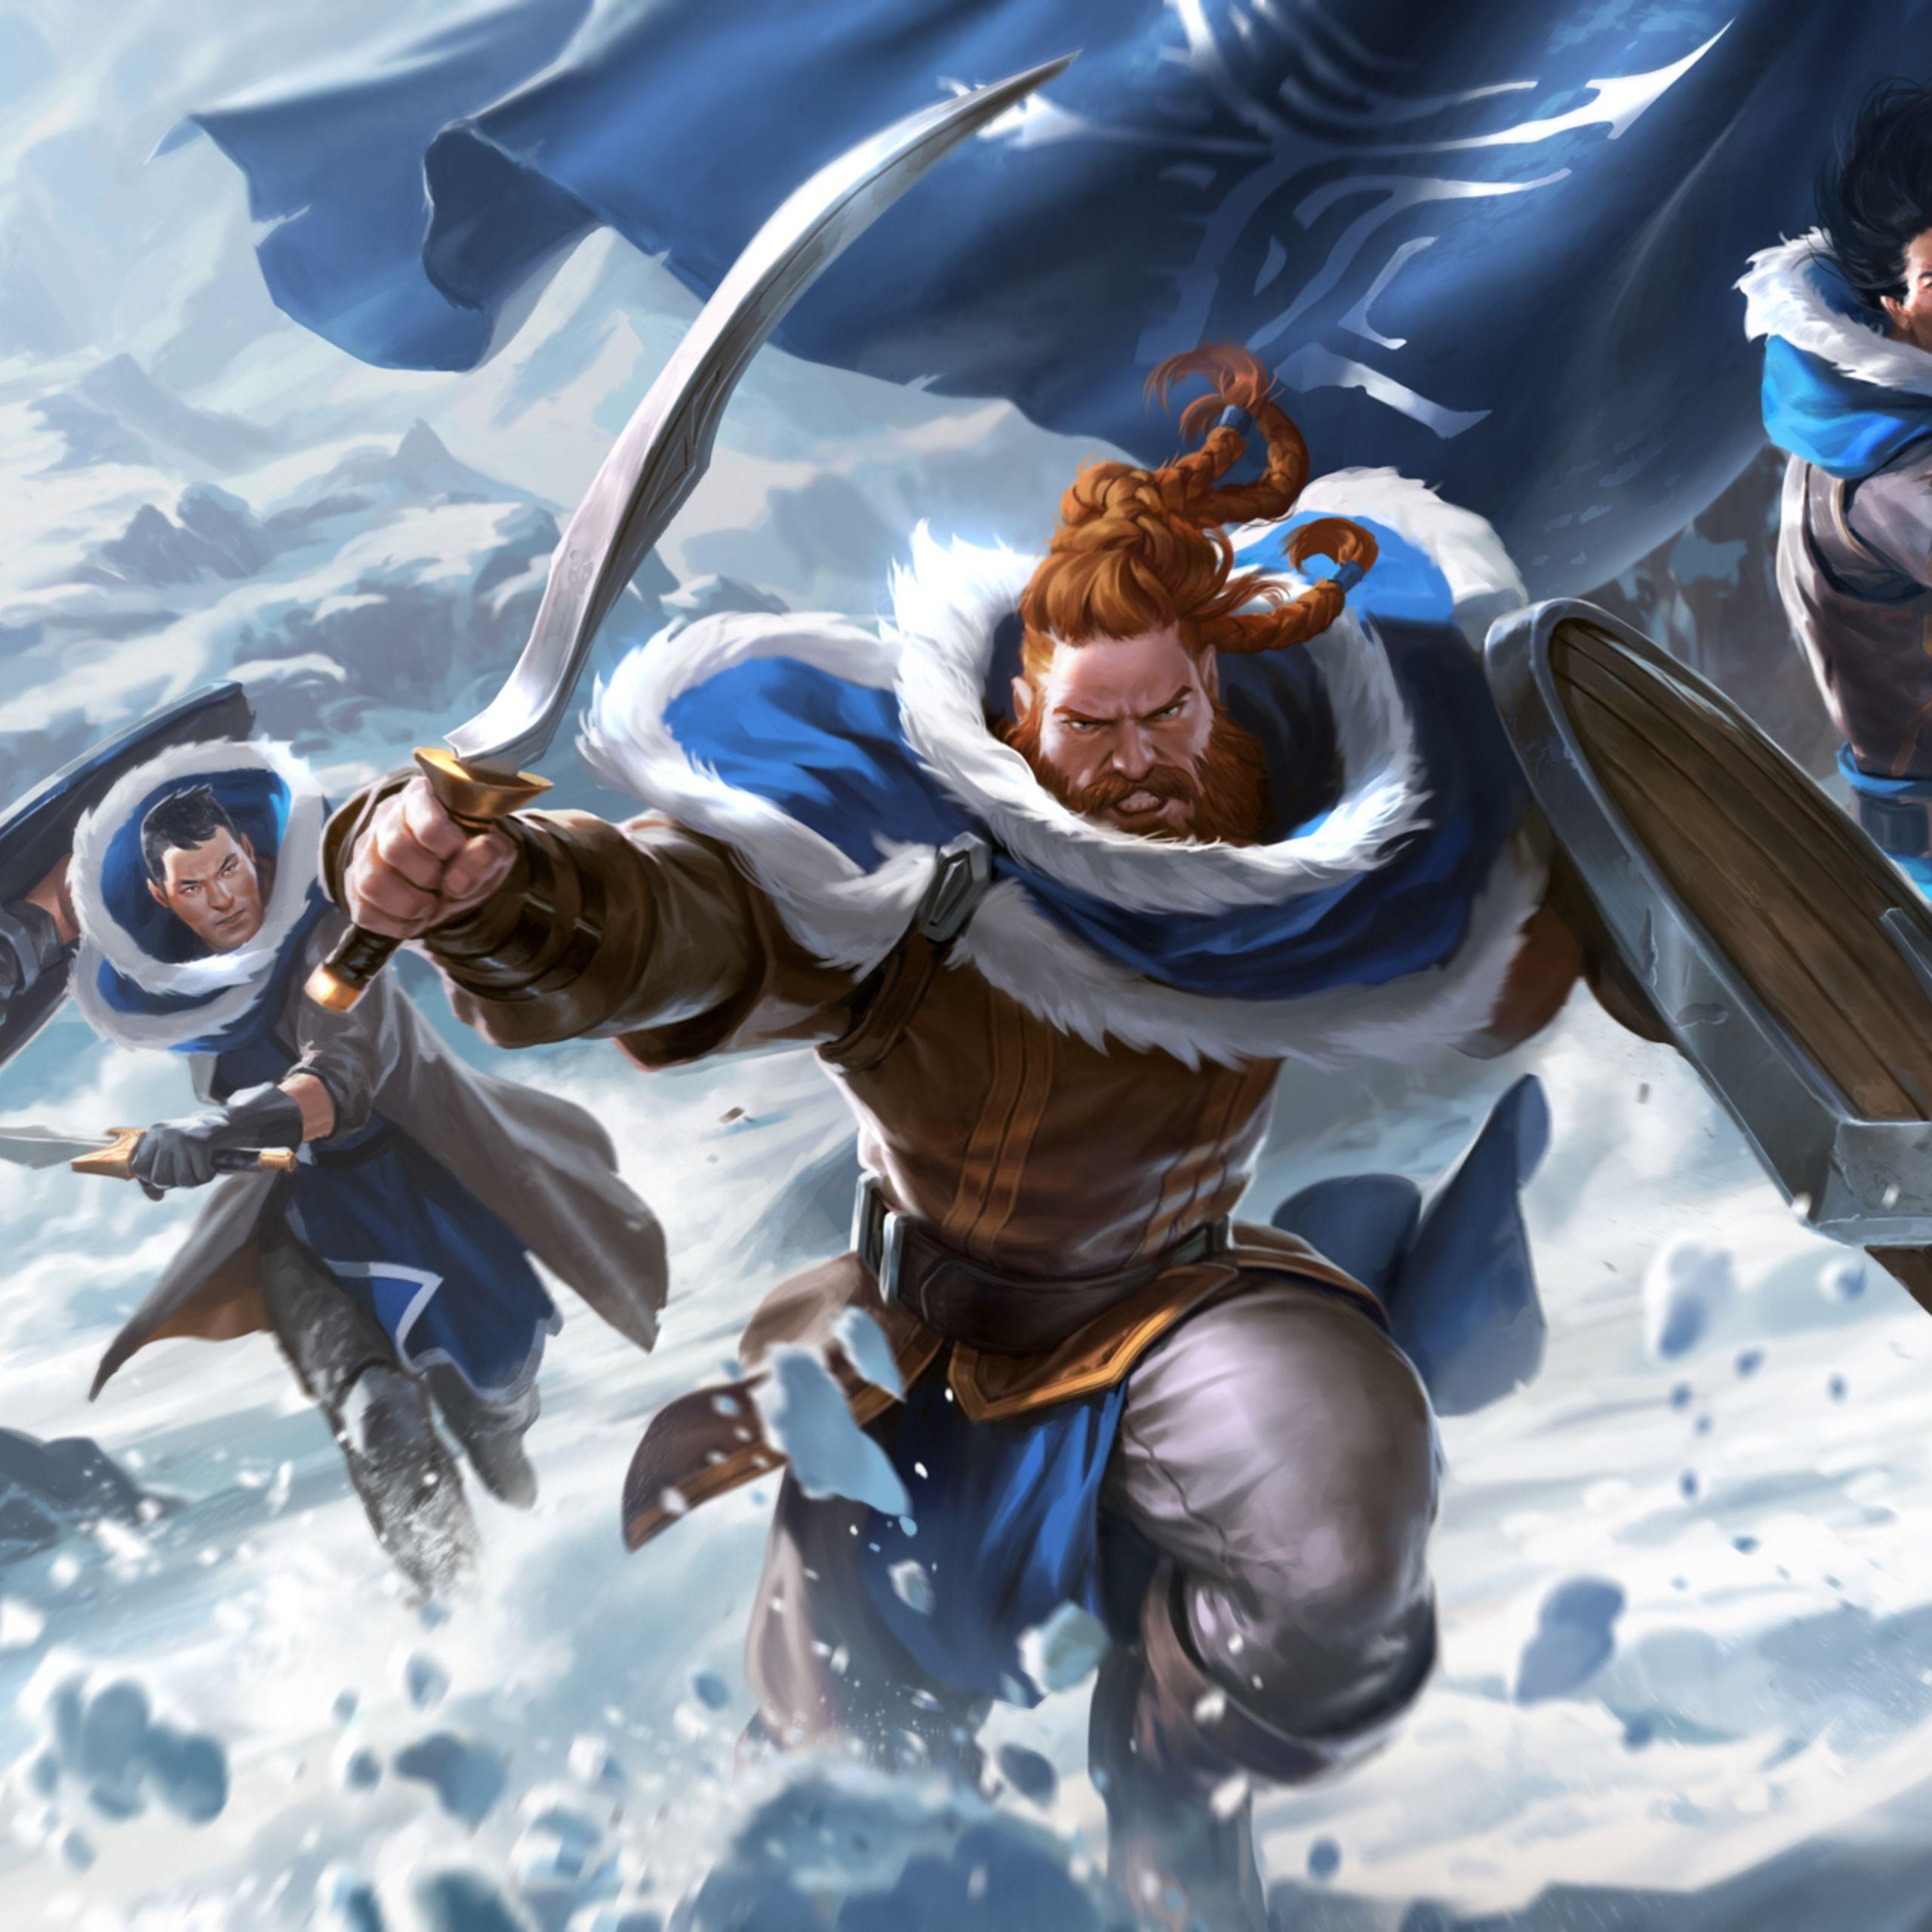 Legends Of Runeterra Hd Wallpaper Wallpaper Hd Wallpaper Iphone